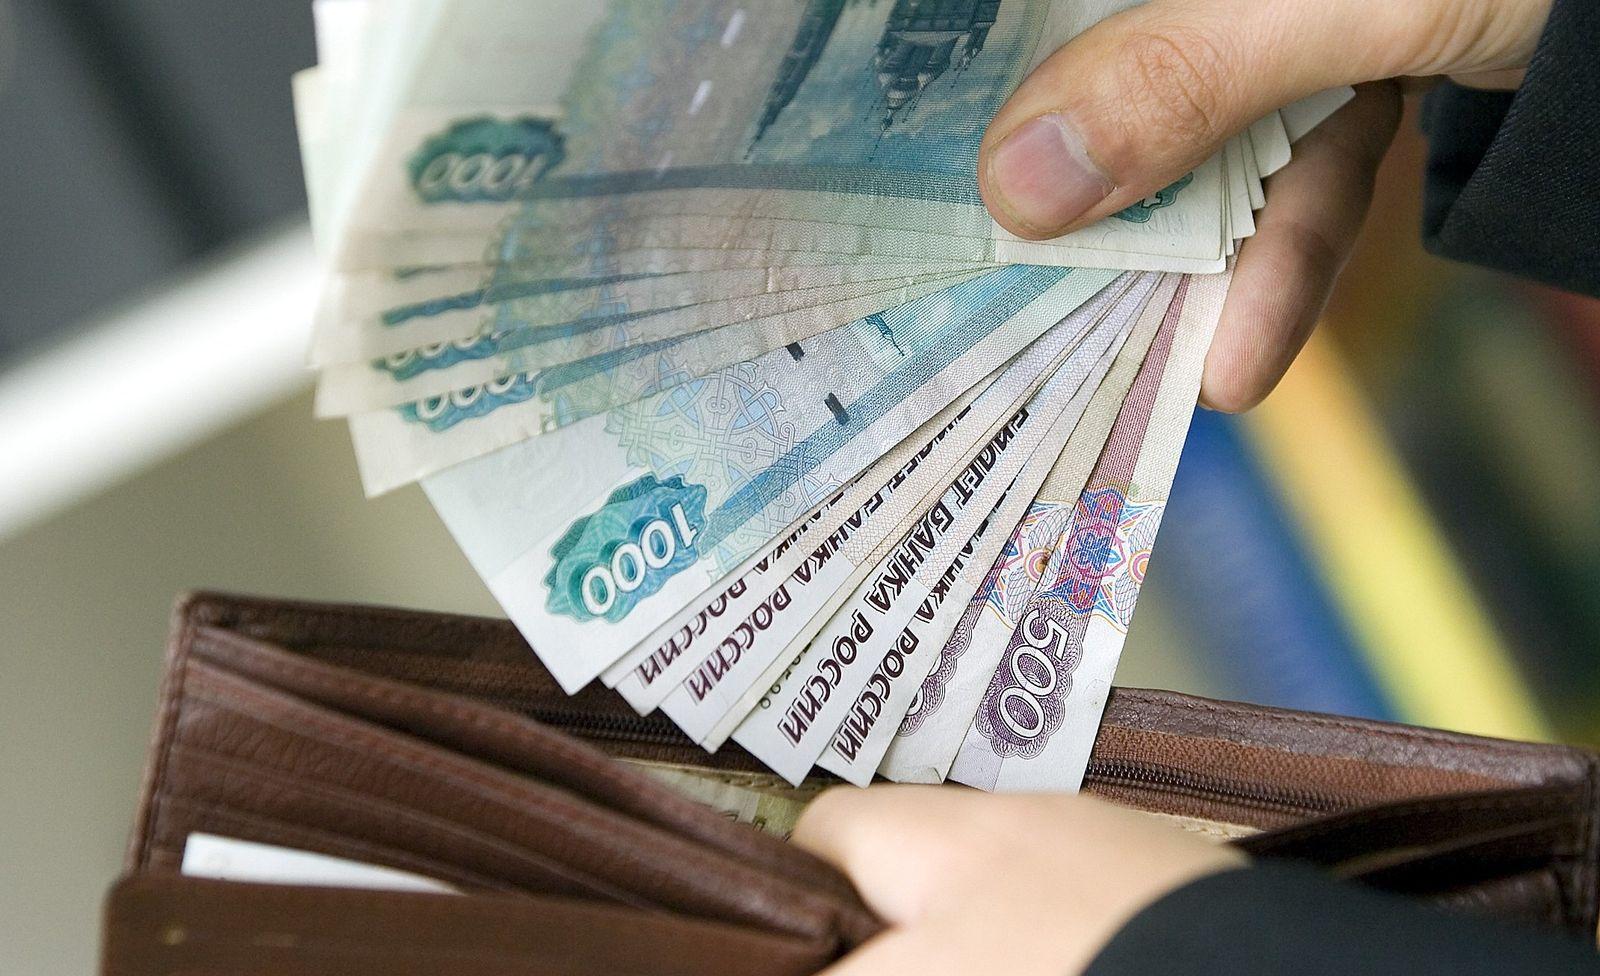 Зарплата казахстанской горничной, как угроза нацбезопасности России